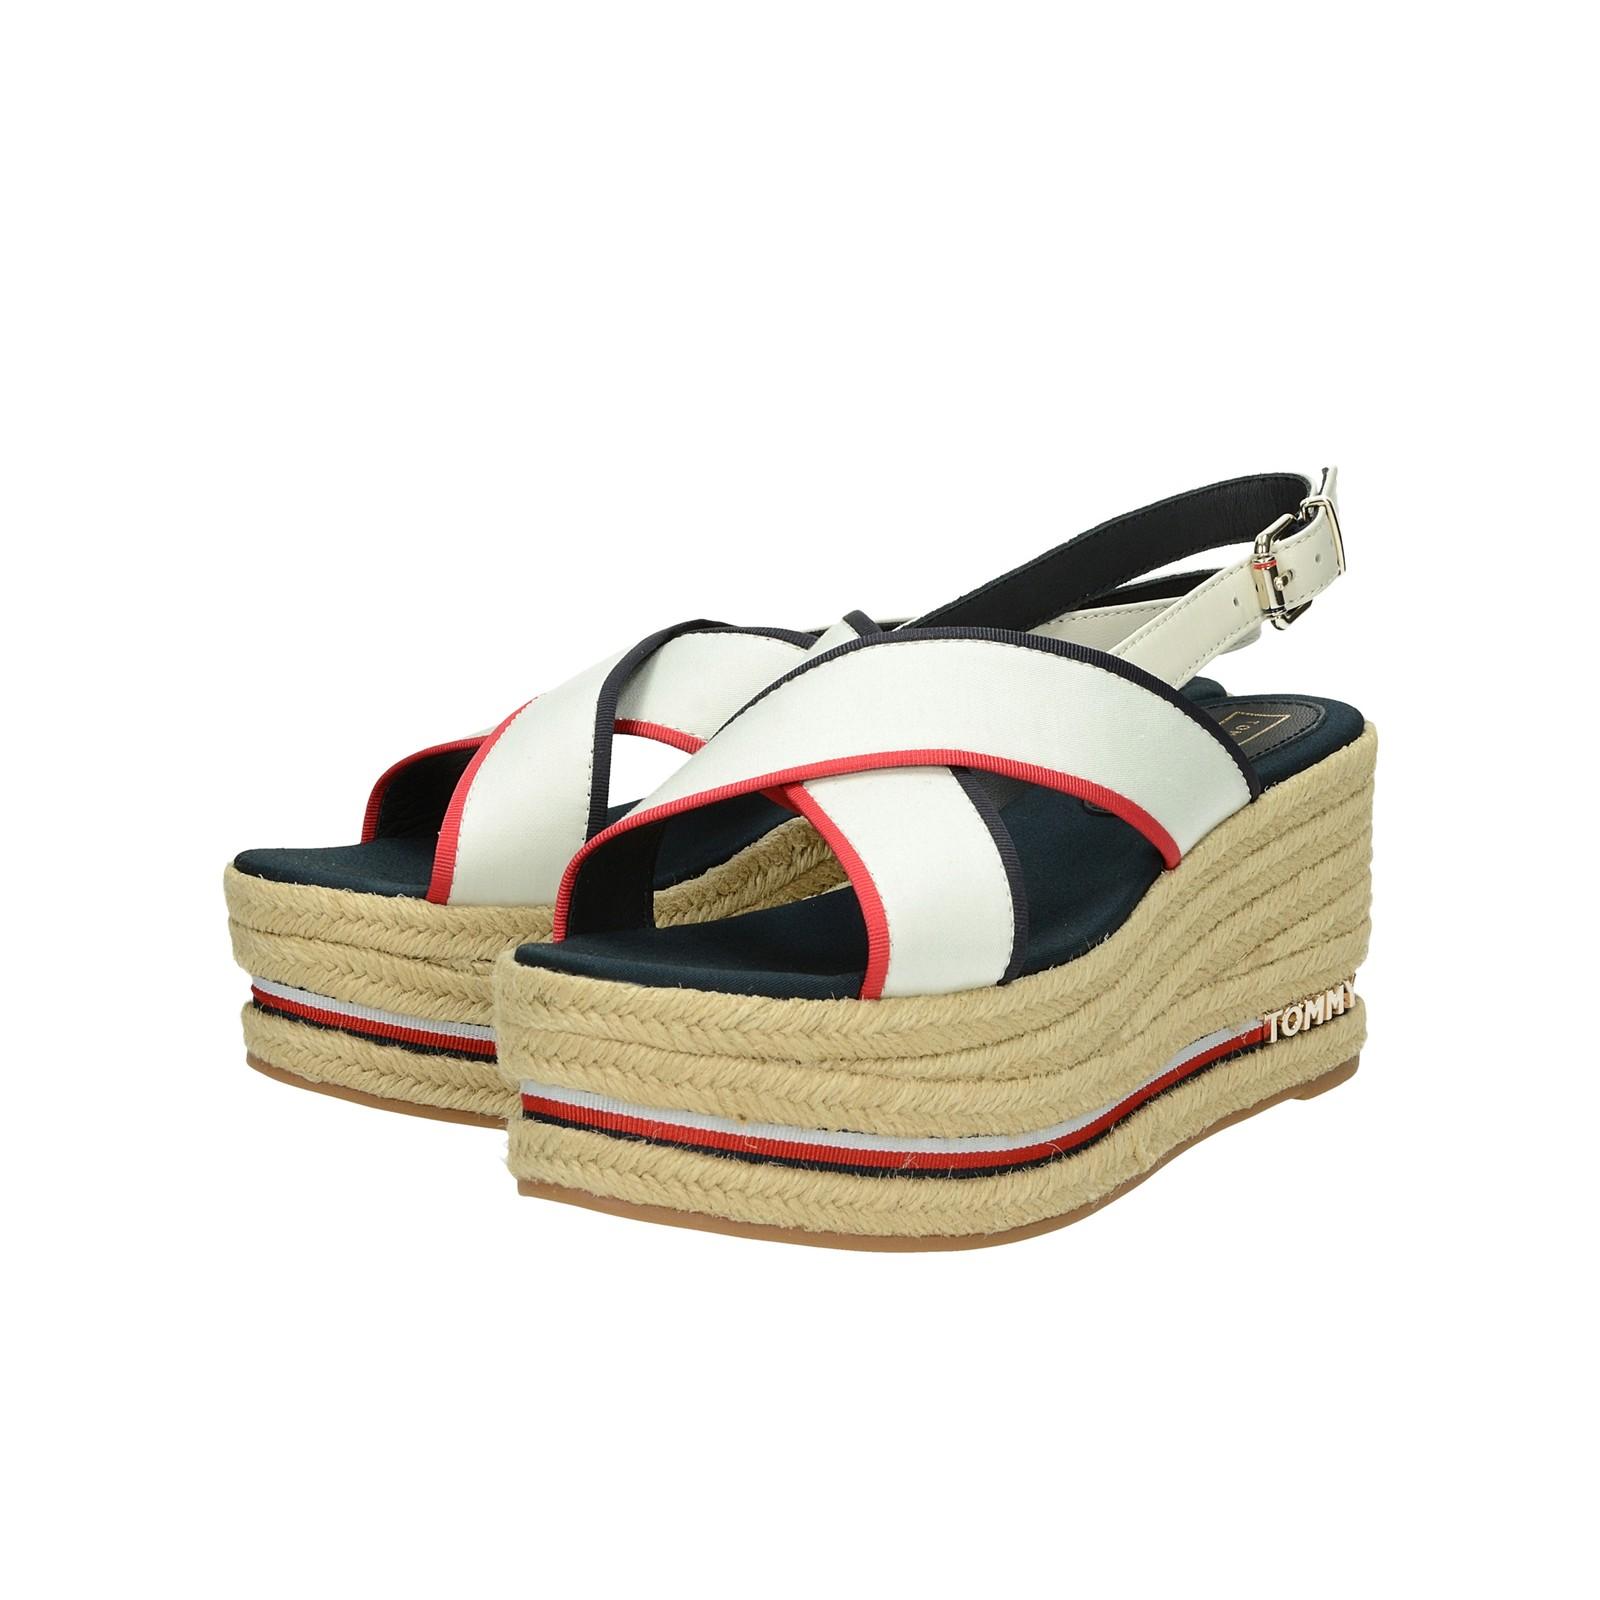 cd46ad681a Tommy Hilfiger dámske štýlové sandále na klinovej podrážke - biele ...